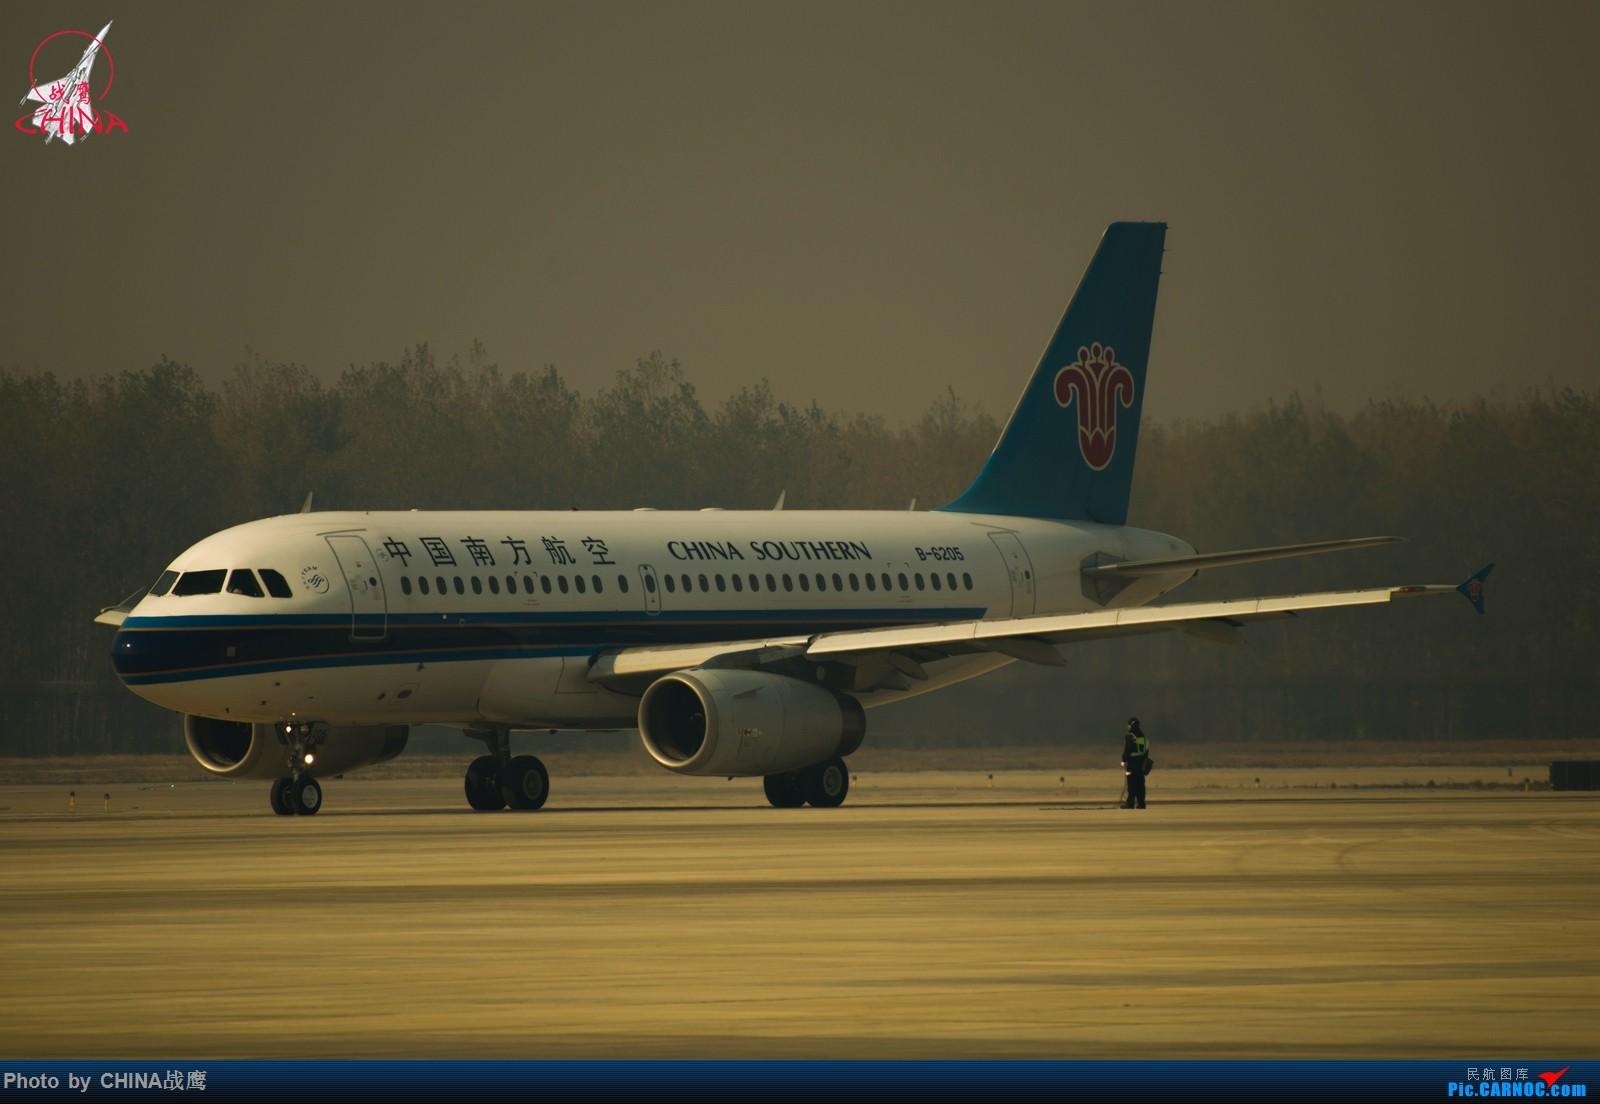 Re:[原创]【SHE】第三季度桃仙拍飞机集锦 AIRBUS A319-100 B-6205 中国沈阳桃仙国际机场